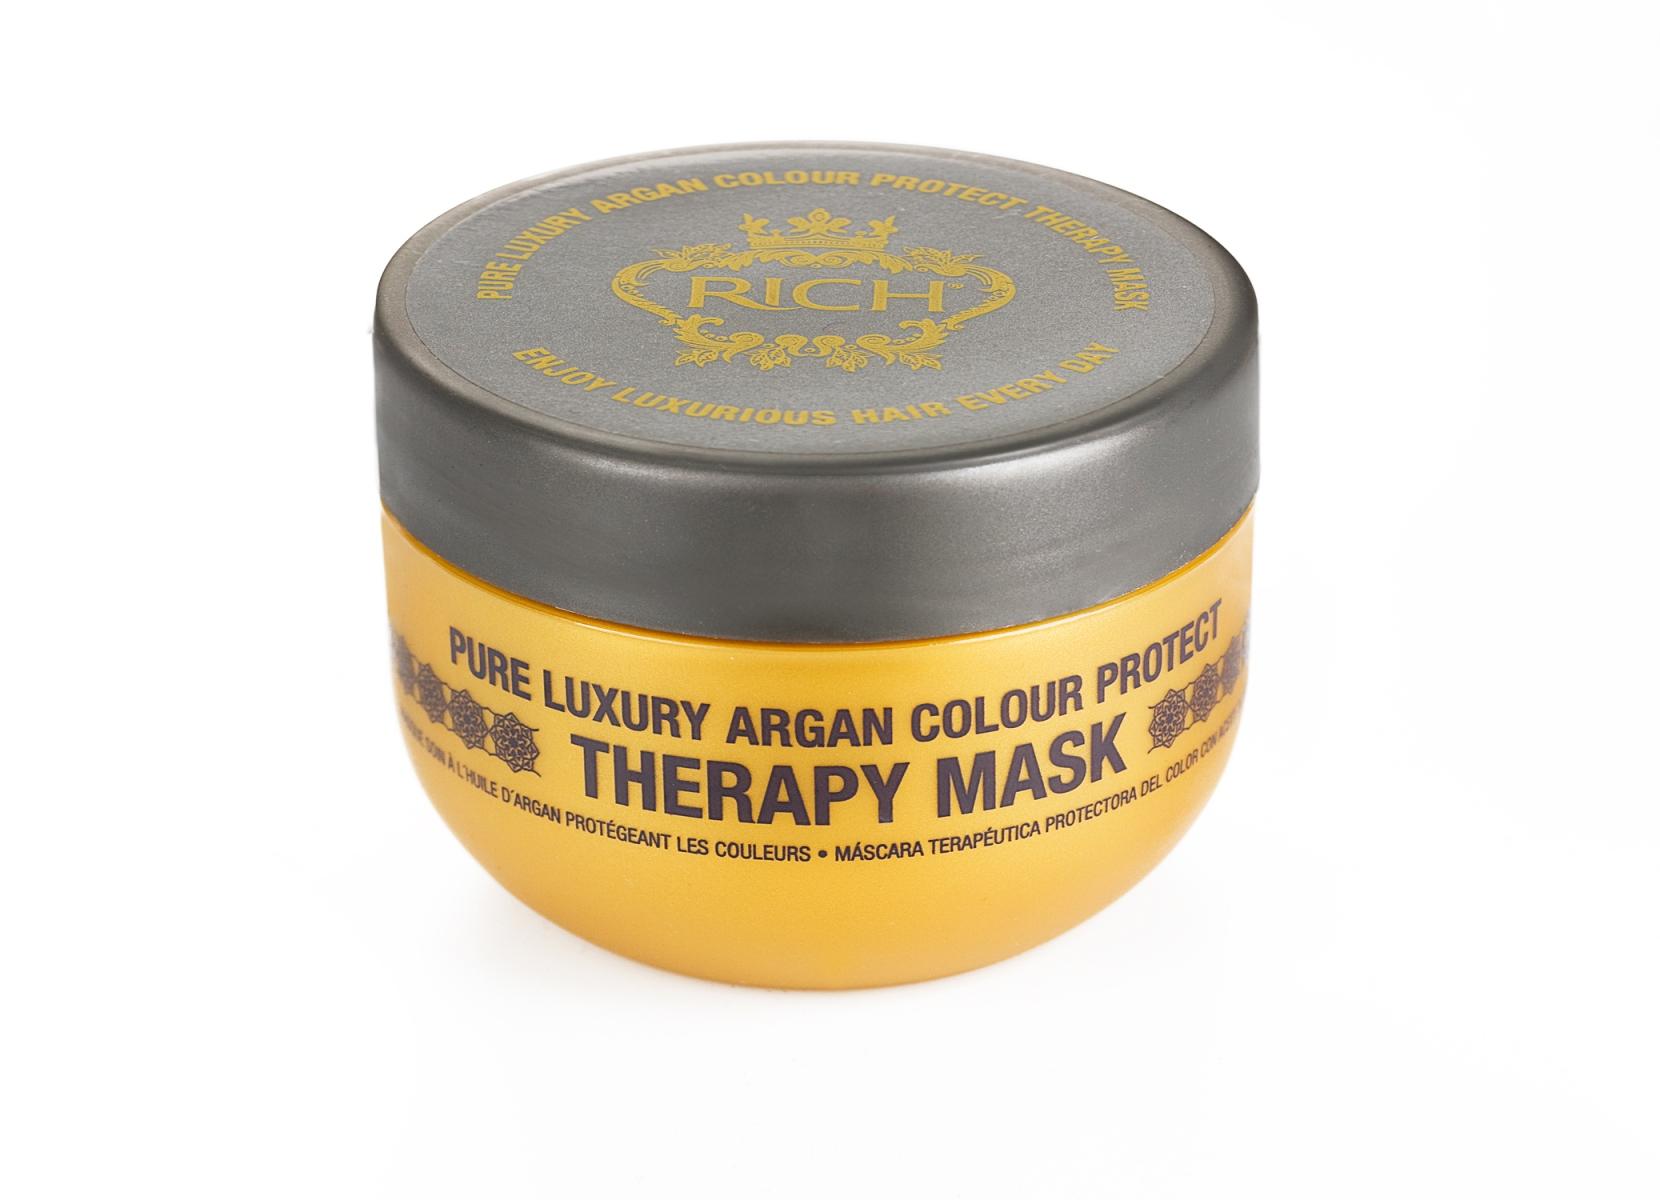 Rich Маска увлажняющая для окрашенных волос на основе арганового масла, 200 млP0898600Маска для окрашенных волос на основе арганового масла предназначенна для интенсивного ухода-увлажнения за окрашенными волосами и волосами, подвегшимся химической обработке. После применения маски волосы выглядят здоровыми, блестящими, мягкими и послушными.